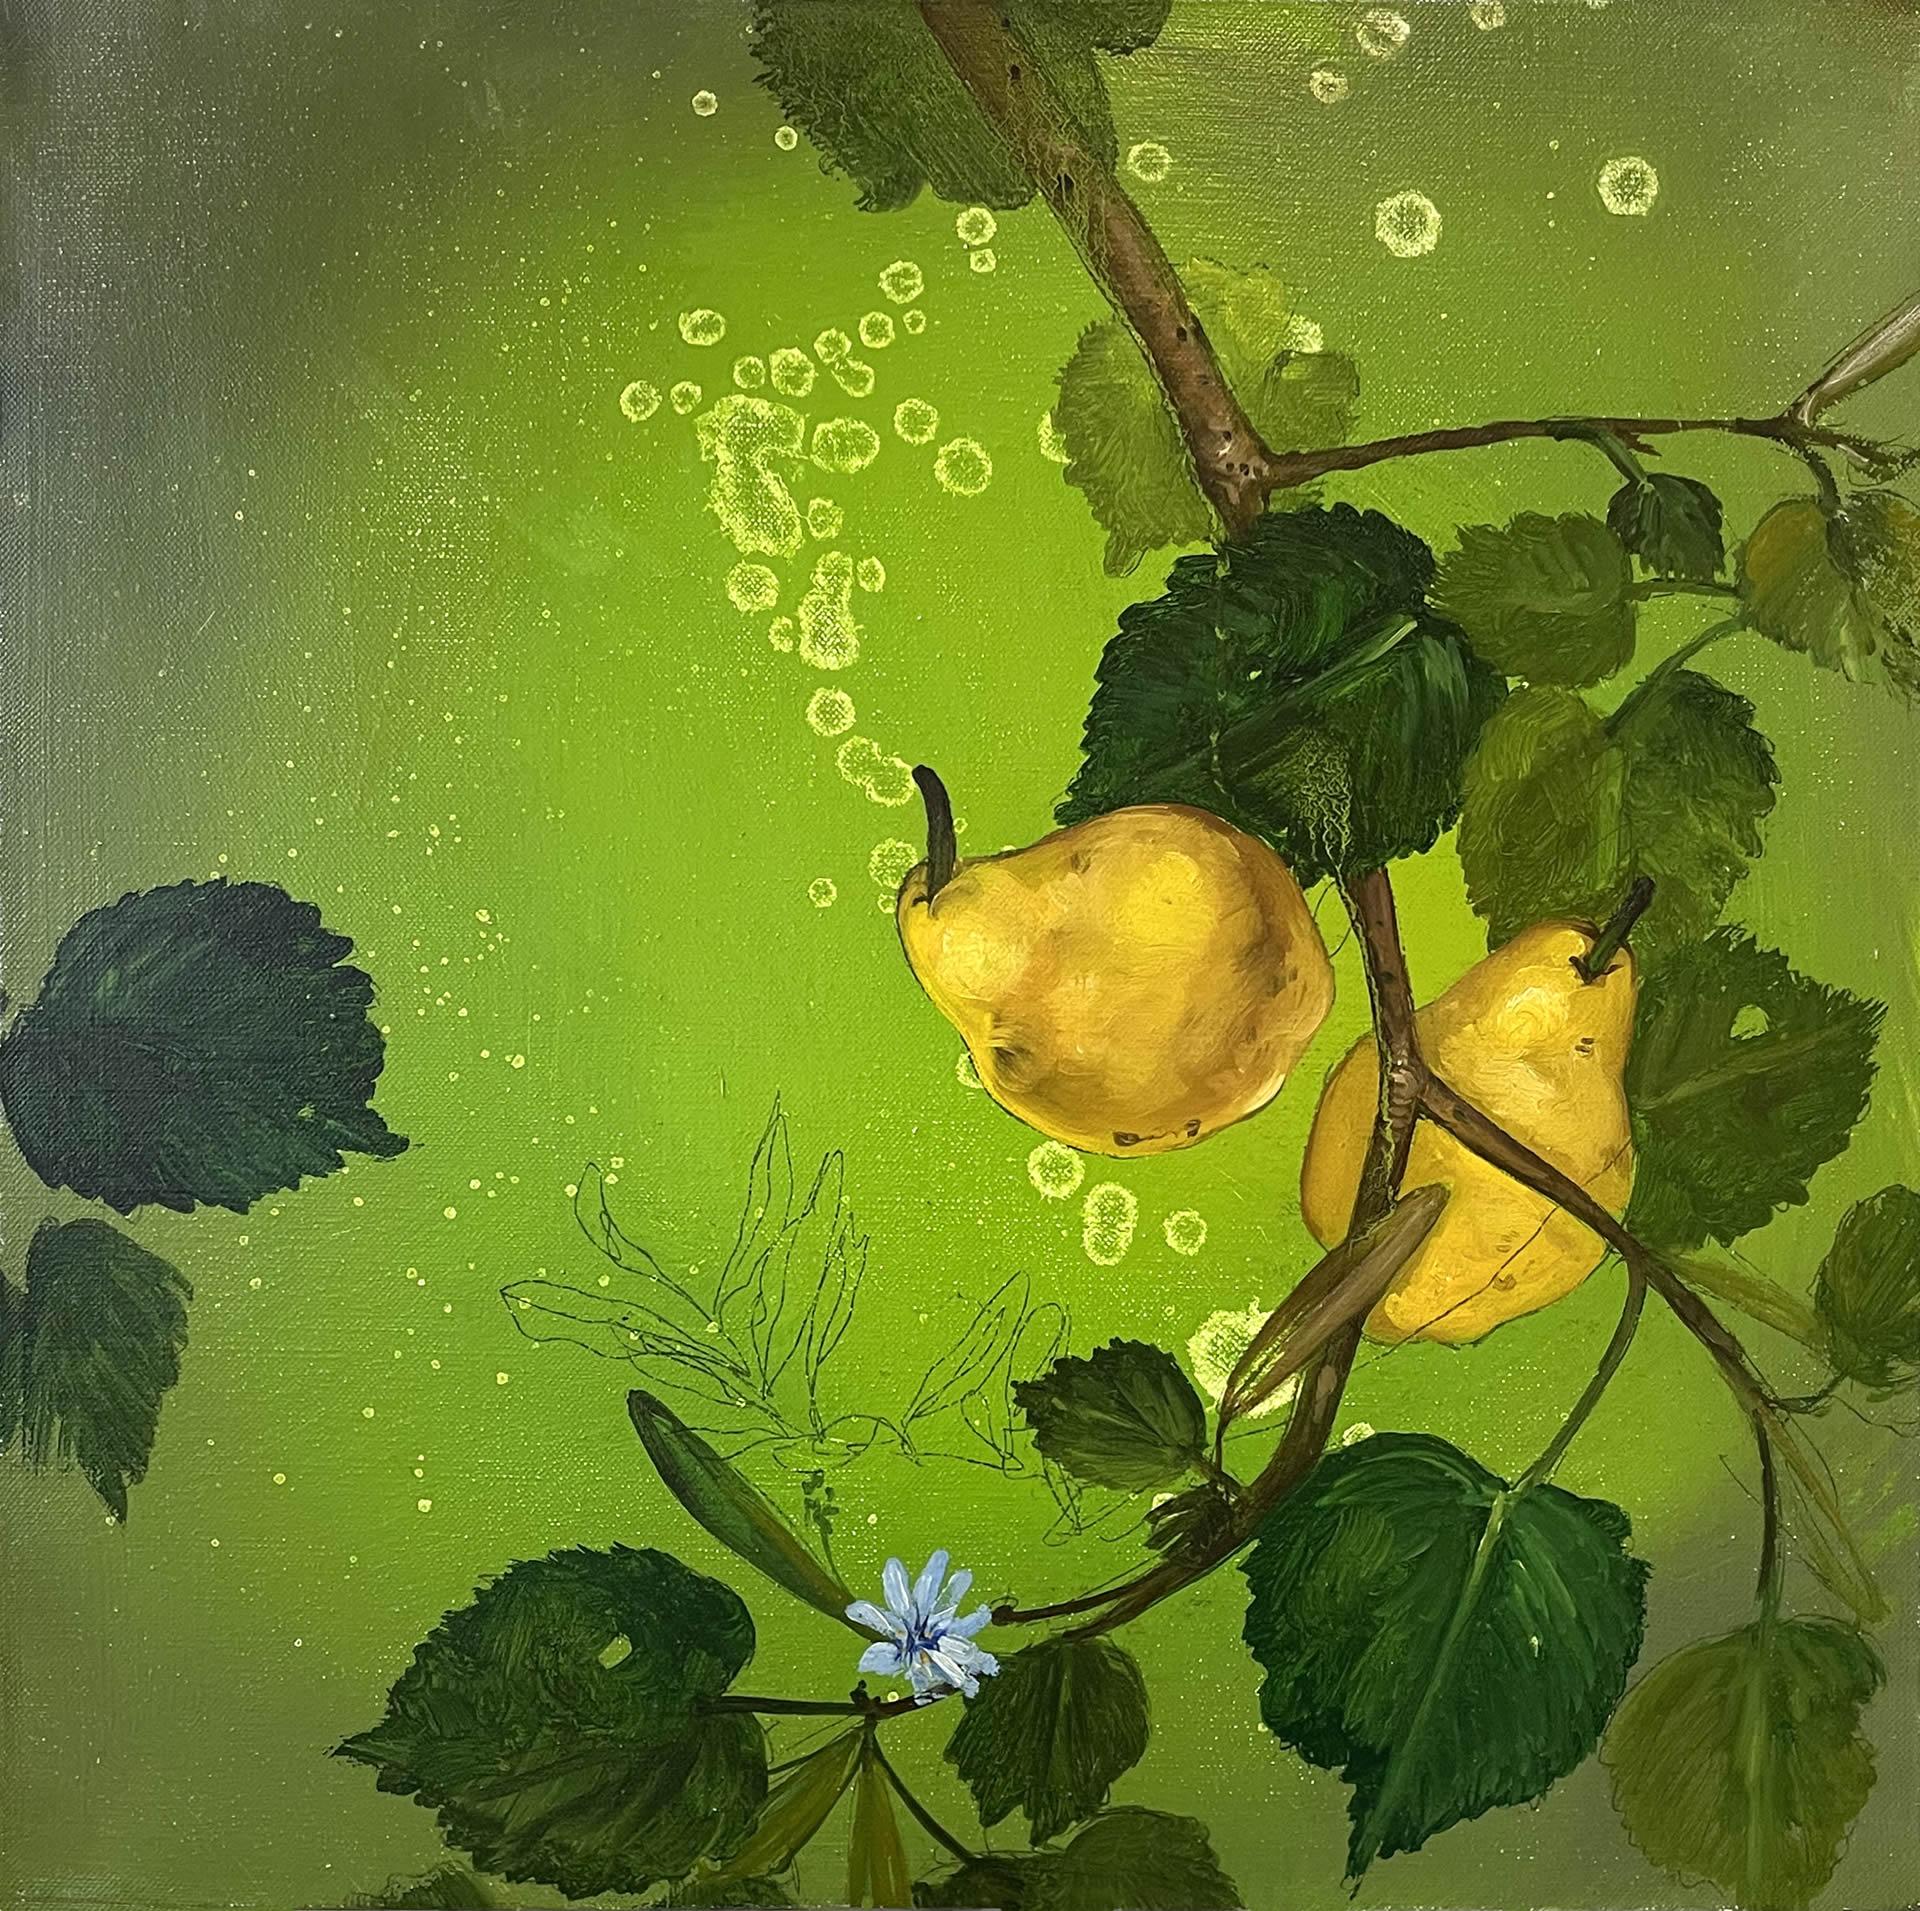 Karen-Yurkovich-PC2-20x20-Online-Art-Galleries